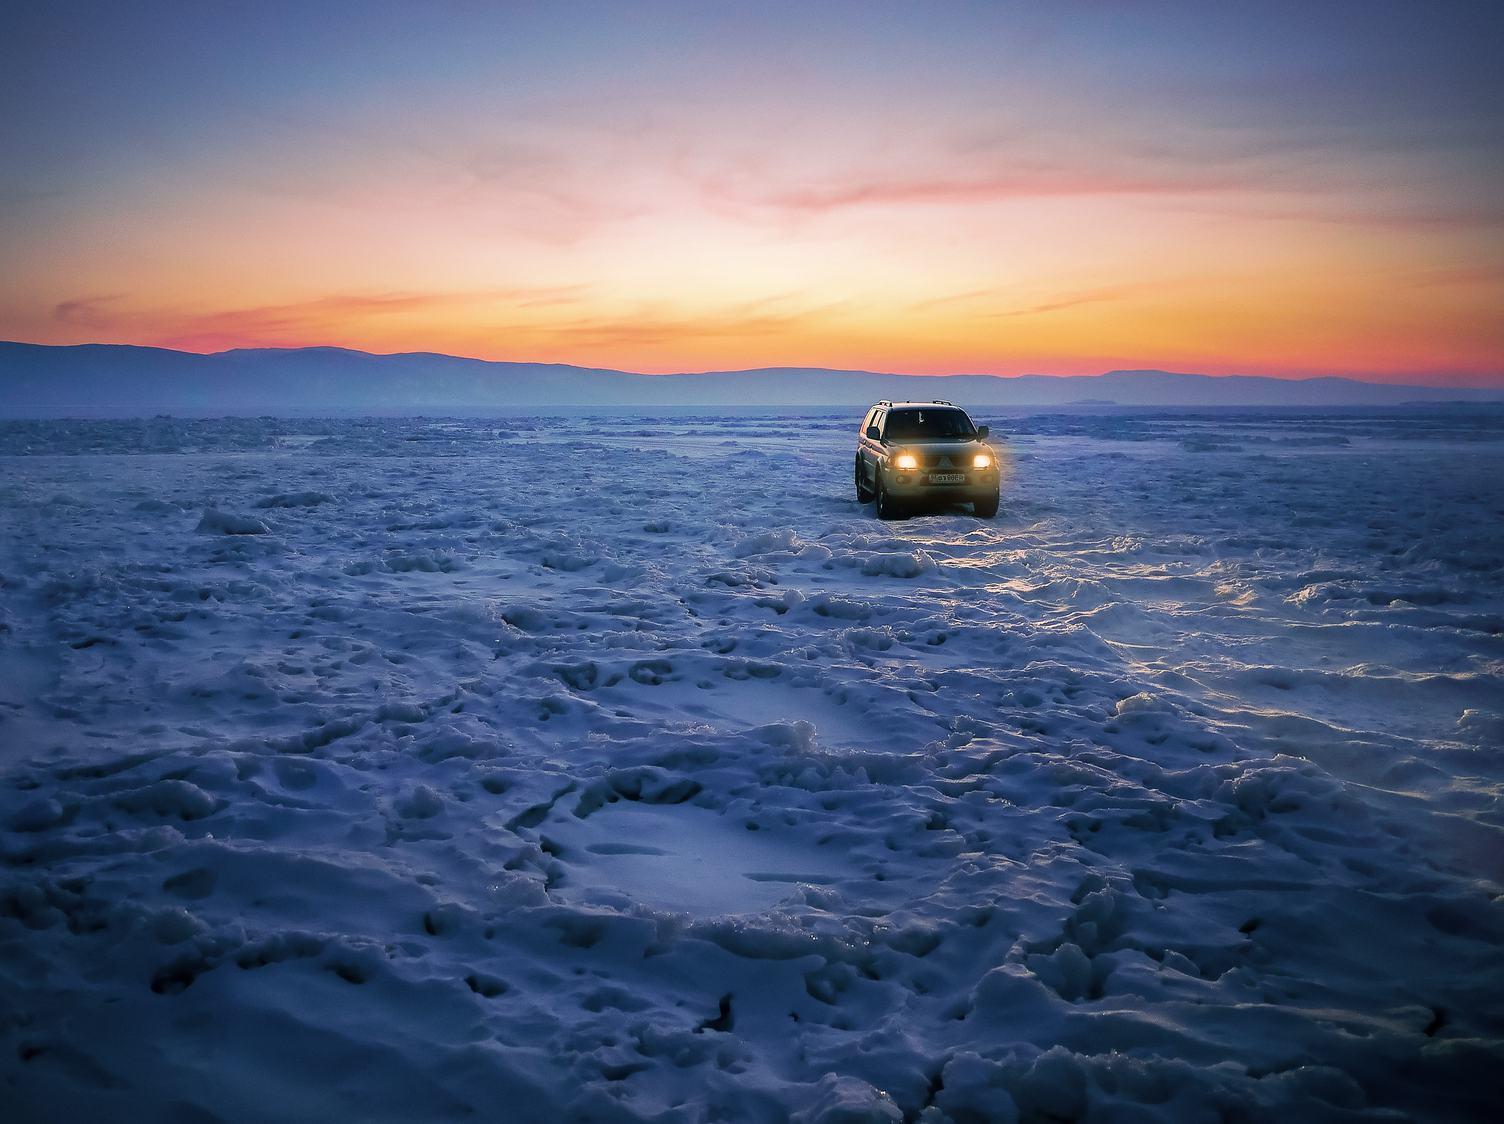 Car on an Frozen Lake Baikal at Sunset